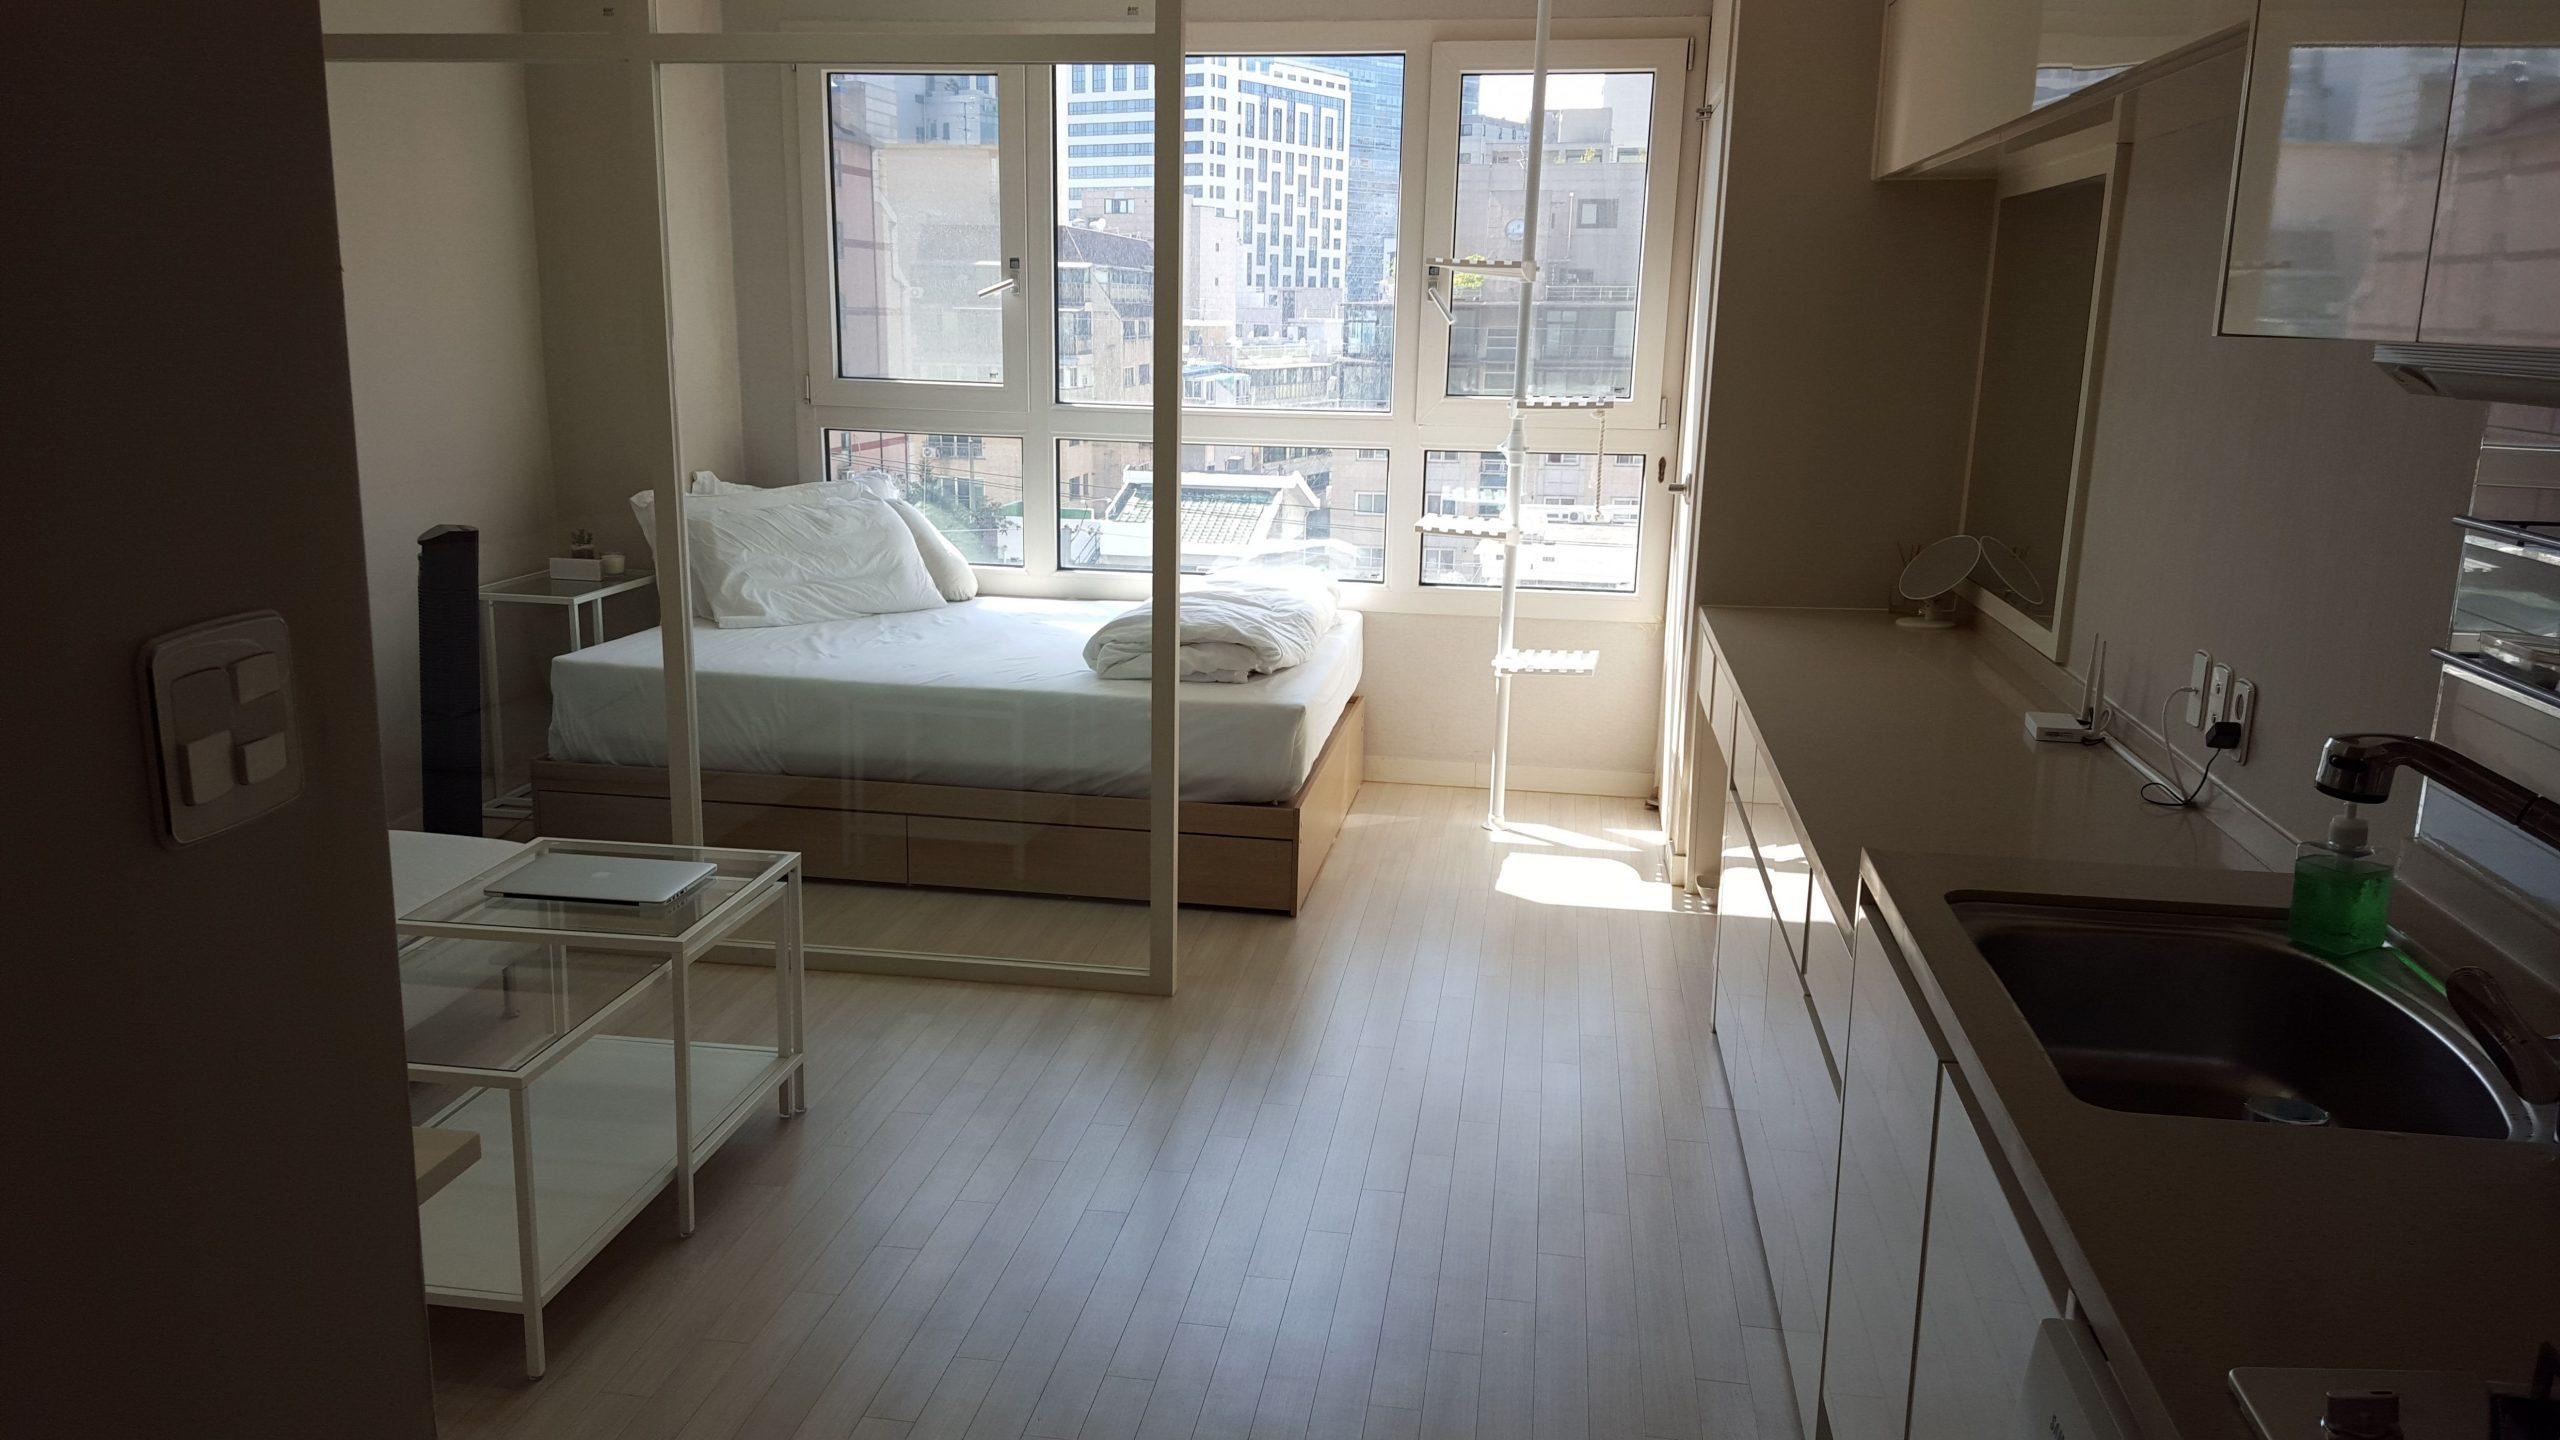 Tiny Modern Apartment in South Korea  Korean apartment interior  - Apartment Korea Design